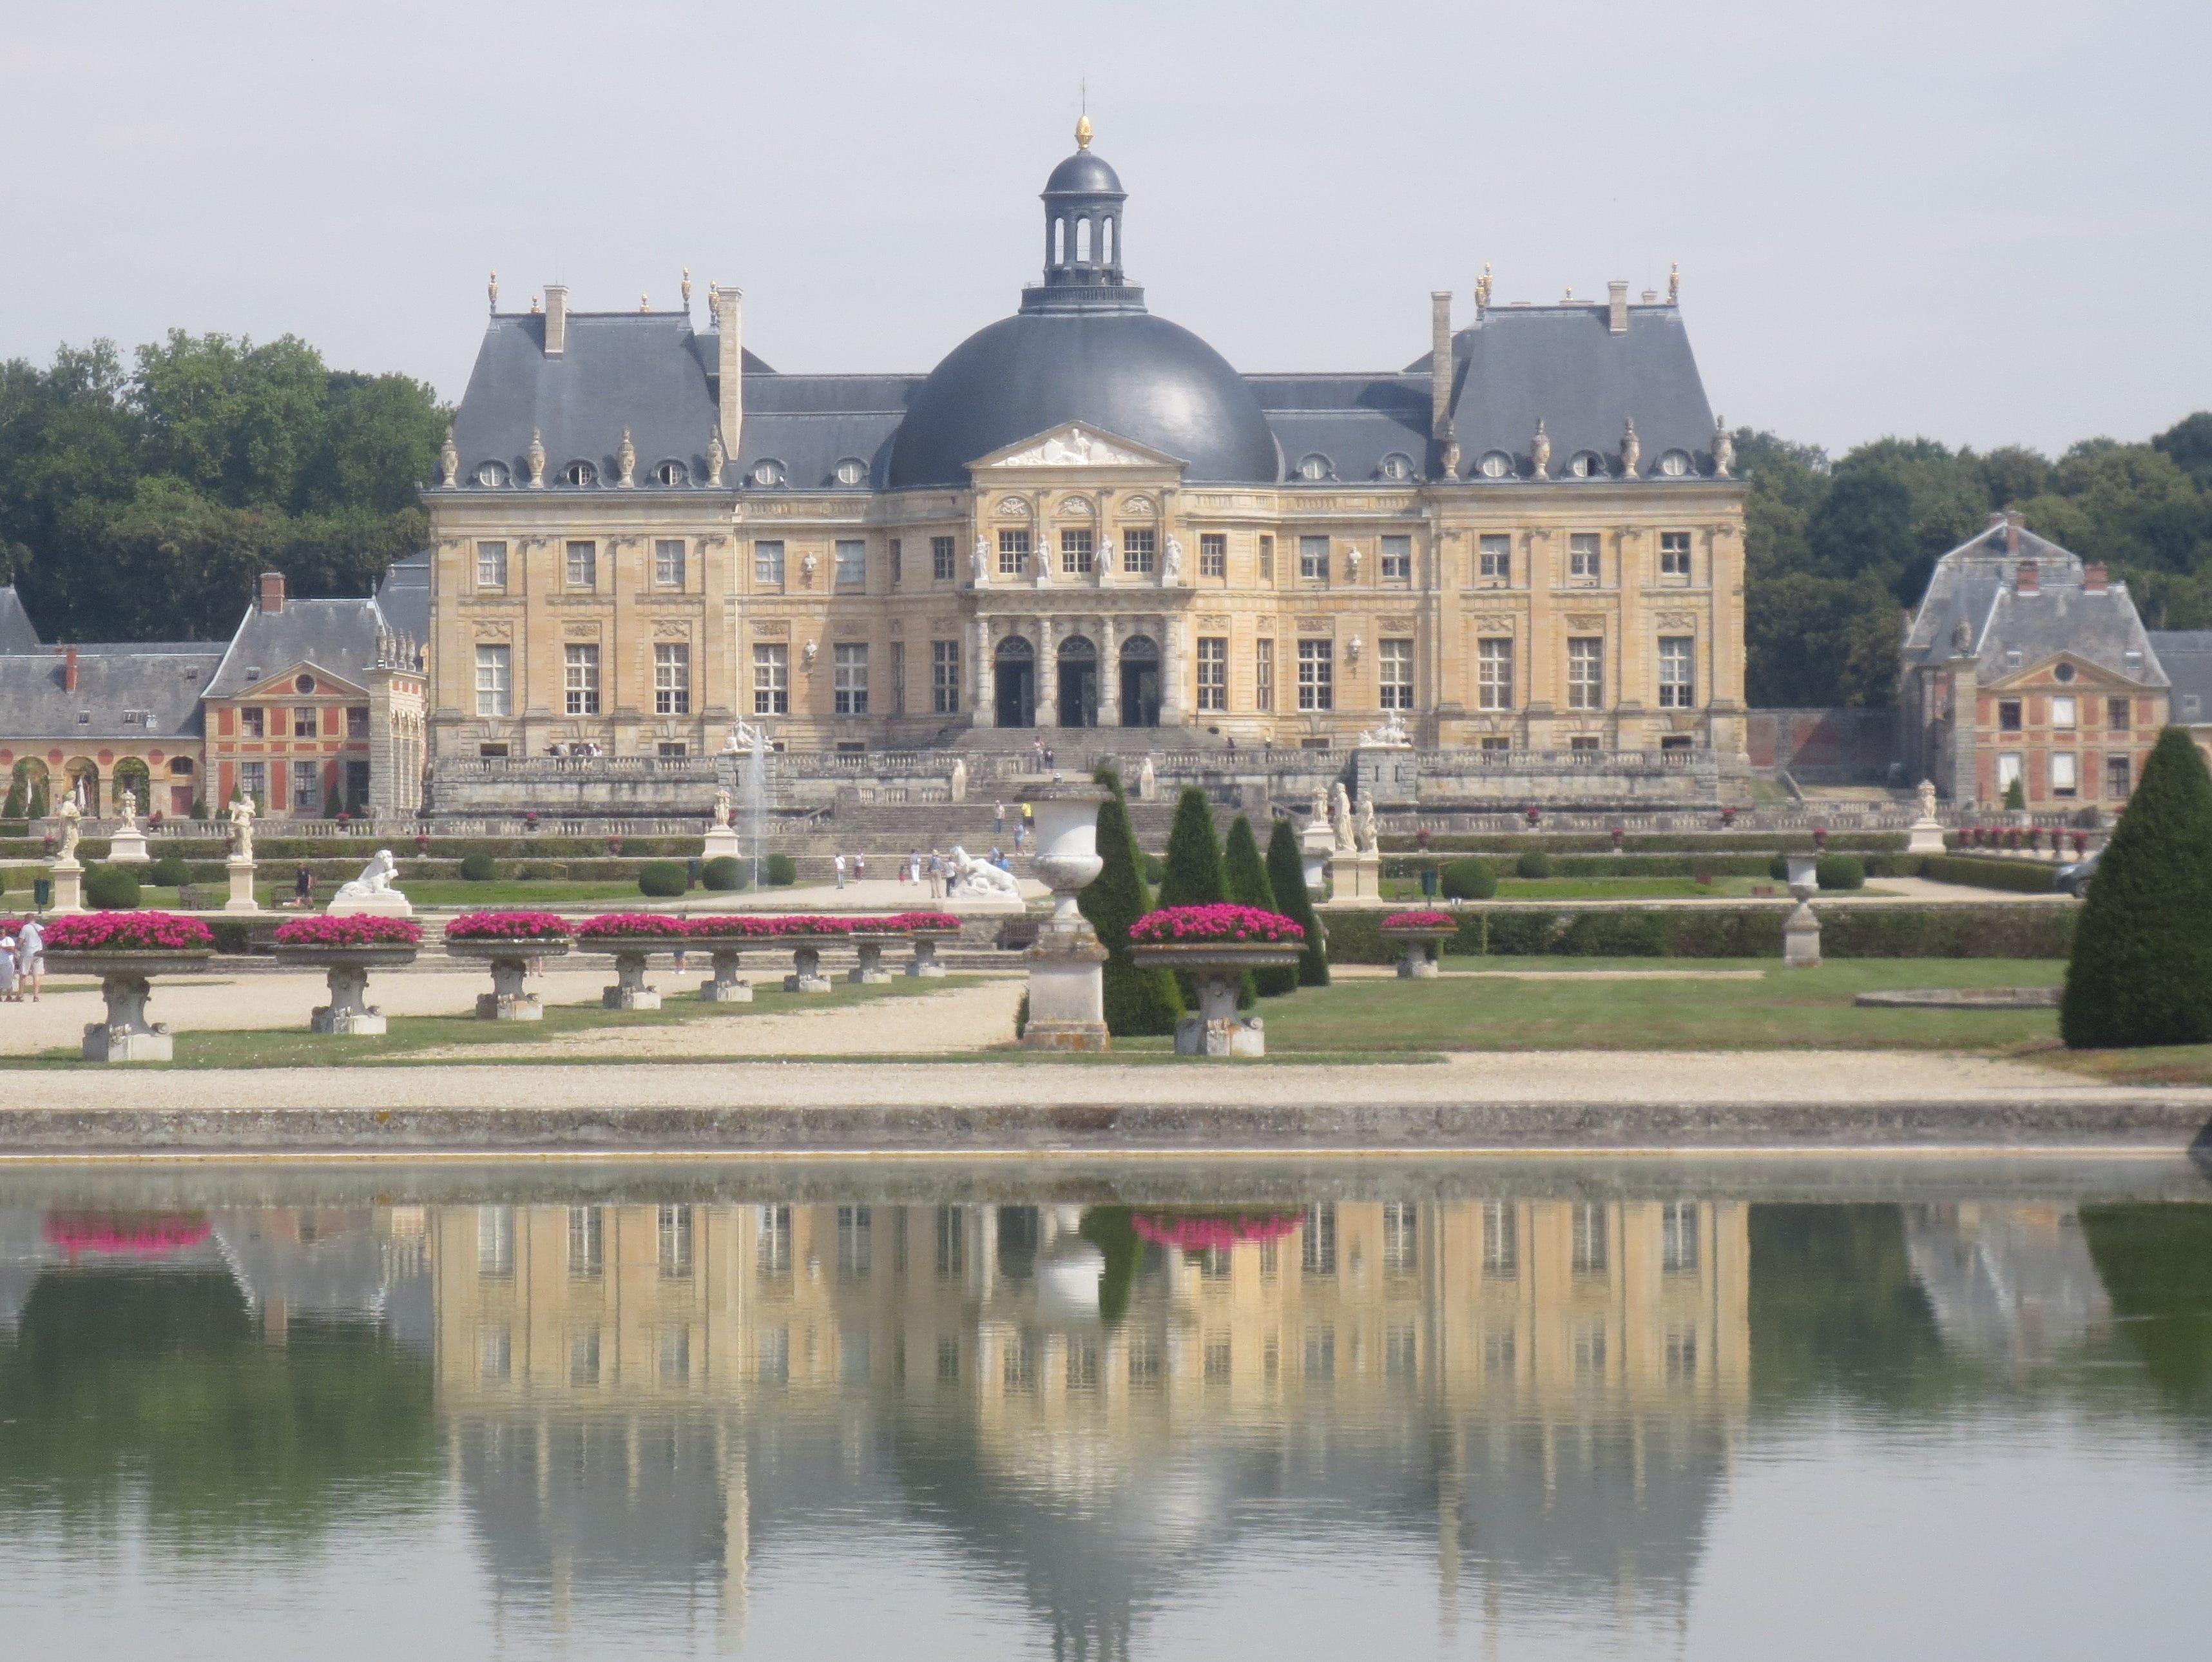 The 17th century Chateau de Vaux-le-Vicomte near Paris.